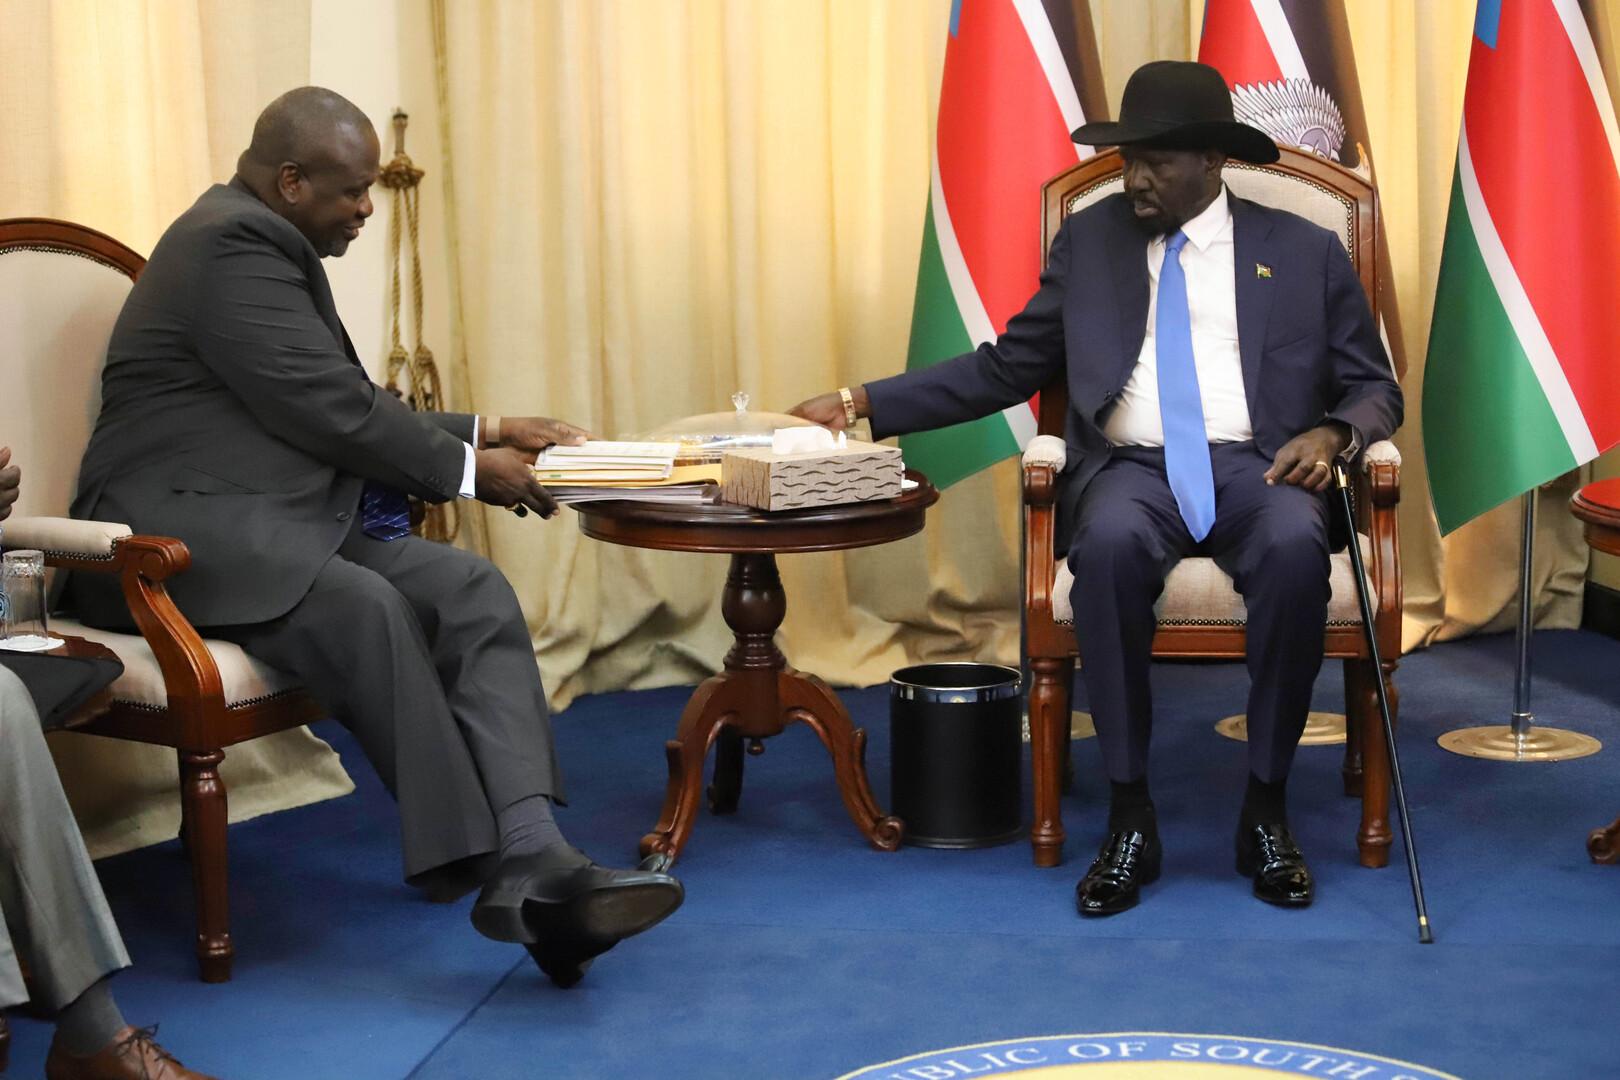 جنوب السودان.. سلفا كير ورياك مشار يتفقان على تشكيل حكومة انتقالية